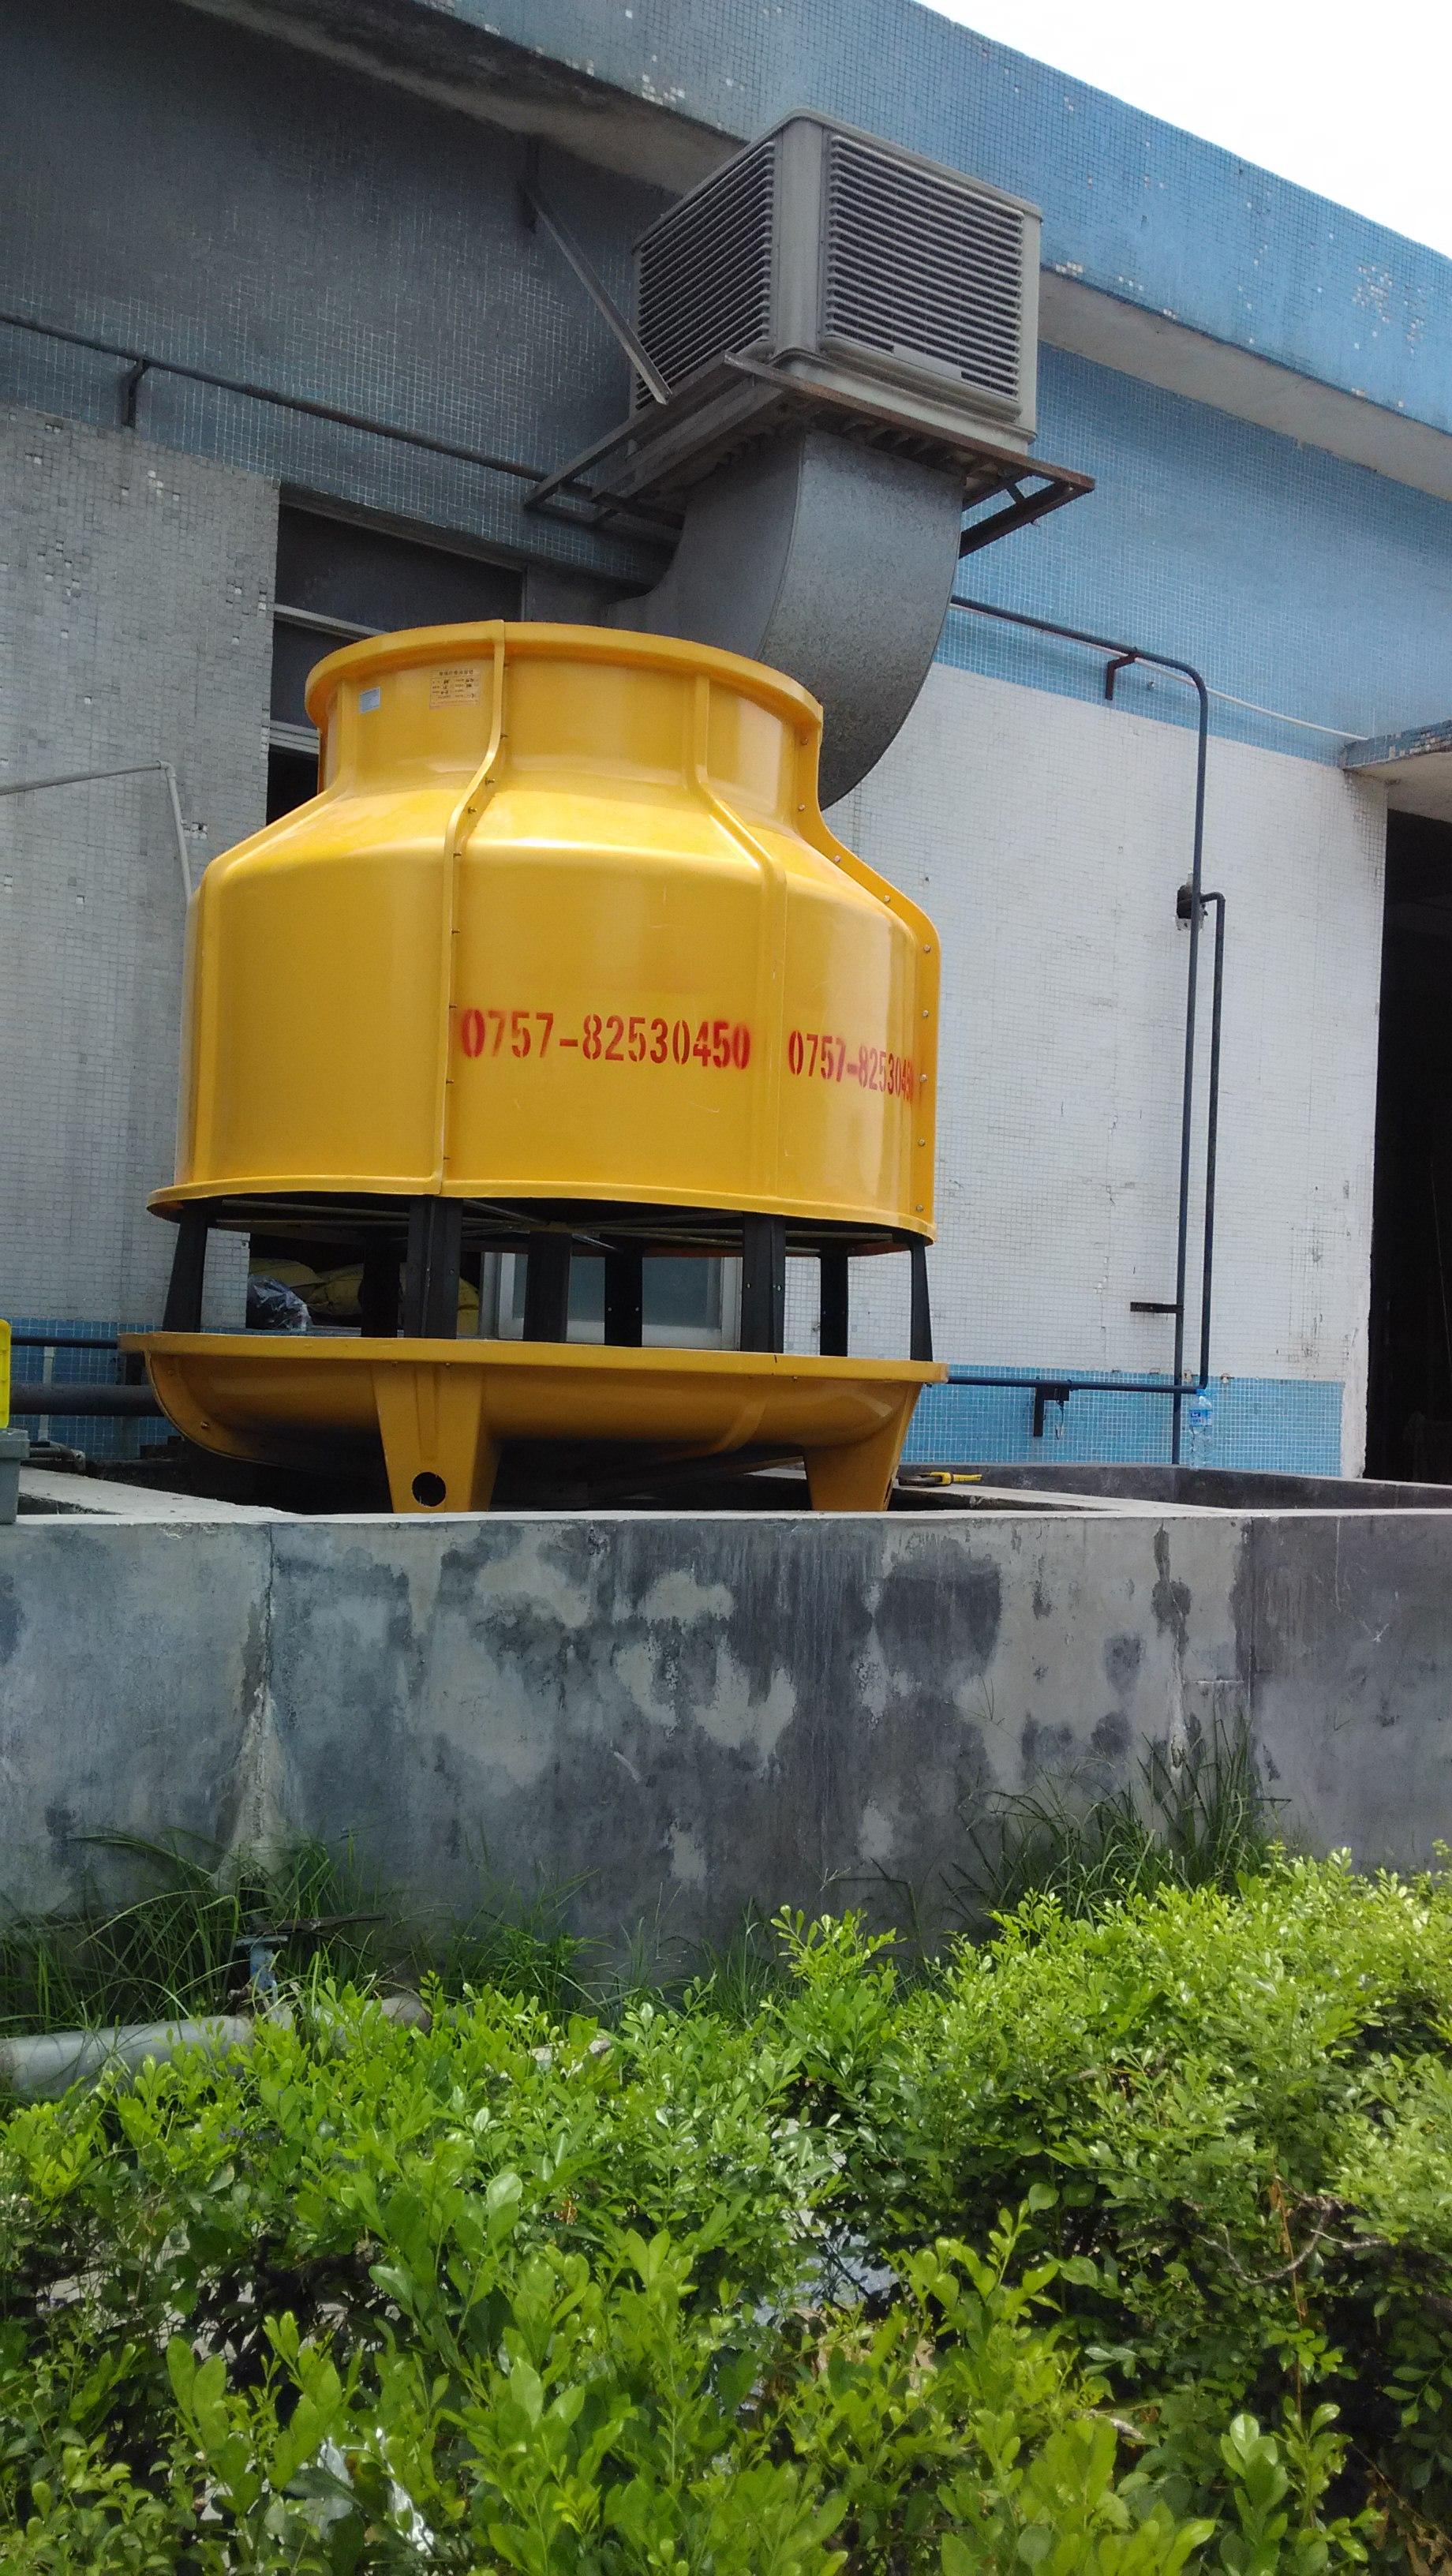 供应江西冷却塔厂家 全部风扇角度均为可调性轴流式,采用高级工程塑料制造,并于厂前严格平衡。